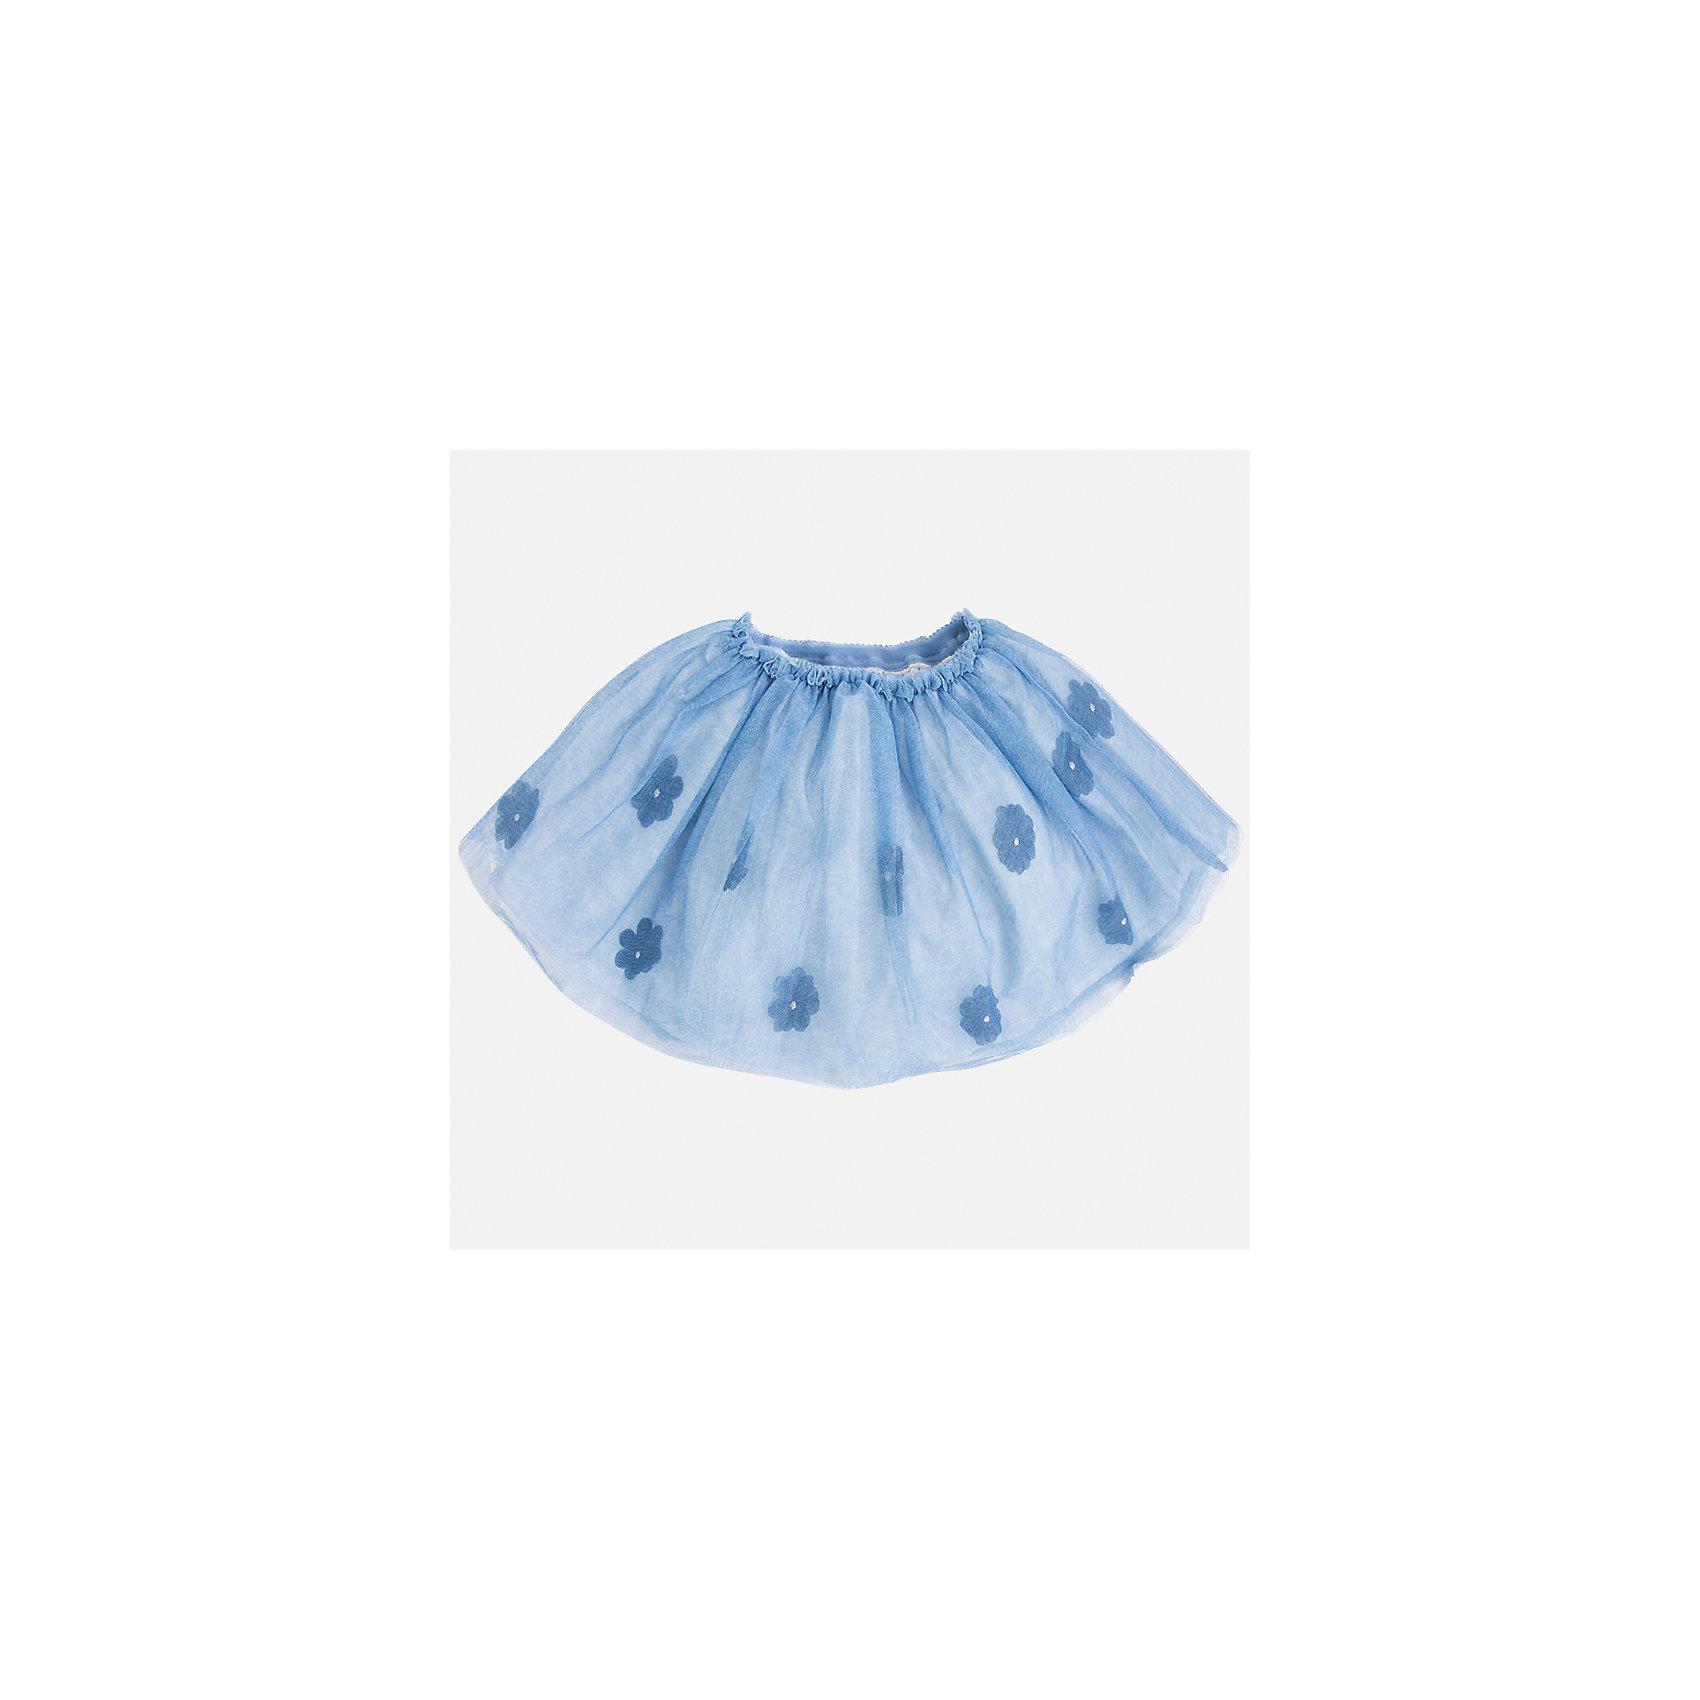 Юбка для девочки MayoralЮбки<br>Характеристики товара:<br><br>• цвет: голубой<br>• состав: 100% полиэстер, подкладка - 70% полиэстер, 30% хлопок<br>• пояс на резинке<br>• легкий материал<br>• с подкладкой<br>• верхний слой - с цветами<br>• страна бренда: Испания<br><br>Легкая юбка для девочки поможет разнообразить гардероб ребенка и создать эффектный наряд. Она отлично сочетаются с майками, футболками, блузками. Красивый оттенок позволяет подобрать к вещи верх разных расцветок. В составе материала подкладки - натуральный хлопок, гипоаллергенный, приятный на ощупь, дышащий. Юбка отлично сидит и не стесняет движения.<br><br>Одежда, обувь и аксессуары от испанского бренда Mayoral полюбились детям и взрослым по всему миру. Модели этой марки - стильные и удобные. Для их производства используются только безопасные, качественные материалы и фурнитура. Порадуйте ребенка модными и красивыми вещами от Mayoral! <br><br>Юбку для девочки от испанского бренда Mayoral (Майорал) можно купить в нашем интернет-магазине.<br><br>Ширина мм: 207<br>Глубина мм: 10<br>Высота мм: 189<br>Вес г: 183<br>Цвет: синий<br>Возраст от месяцев: 24<br>Возраст до месяцев: 36<br>Пол: Женский<br>Возраст: Детский<br>Размер: 98,104,122,128,116,110,134<br>SKU: 3993132